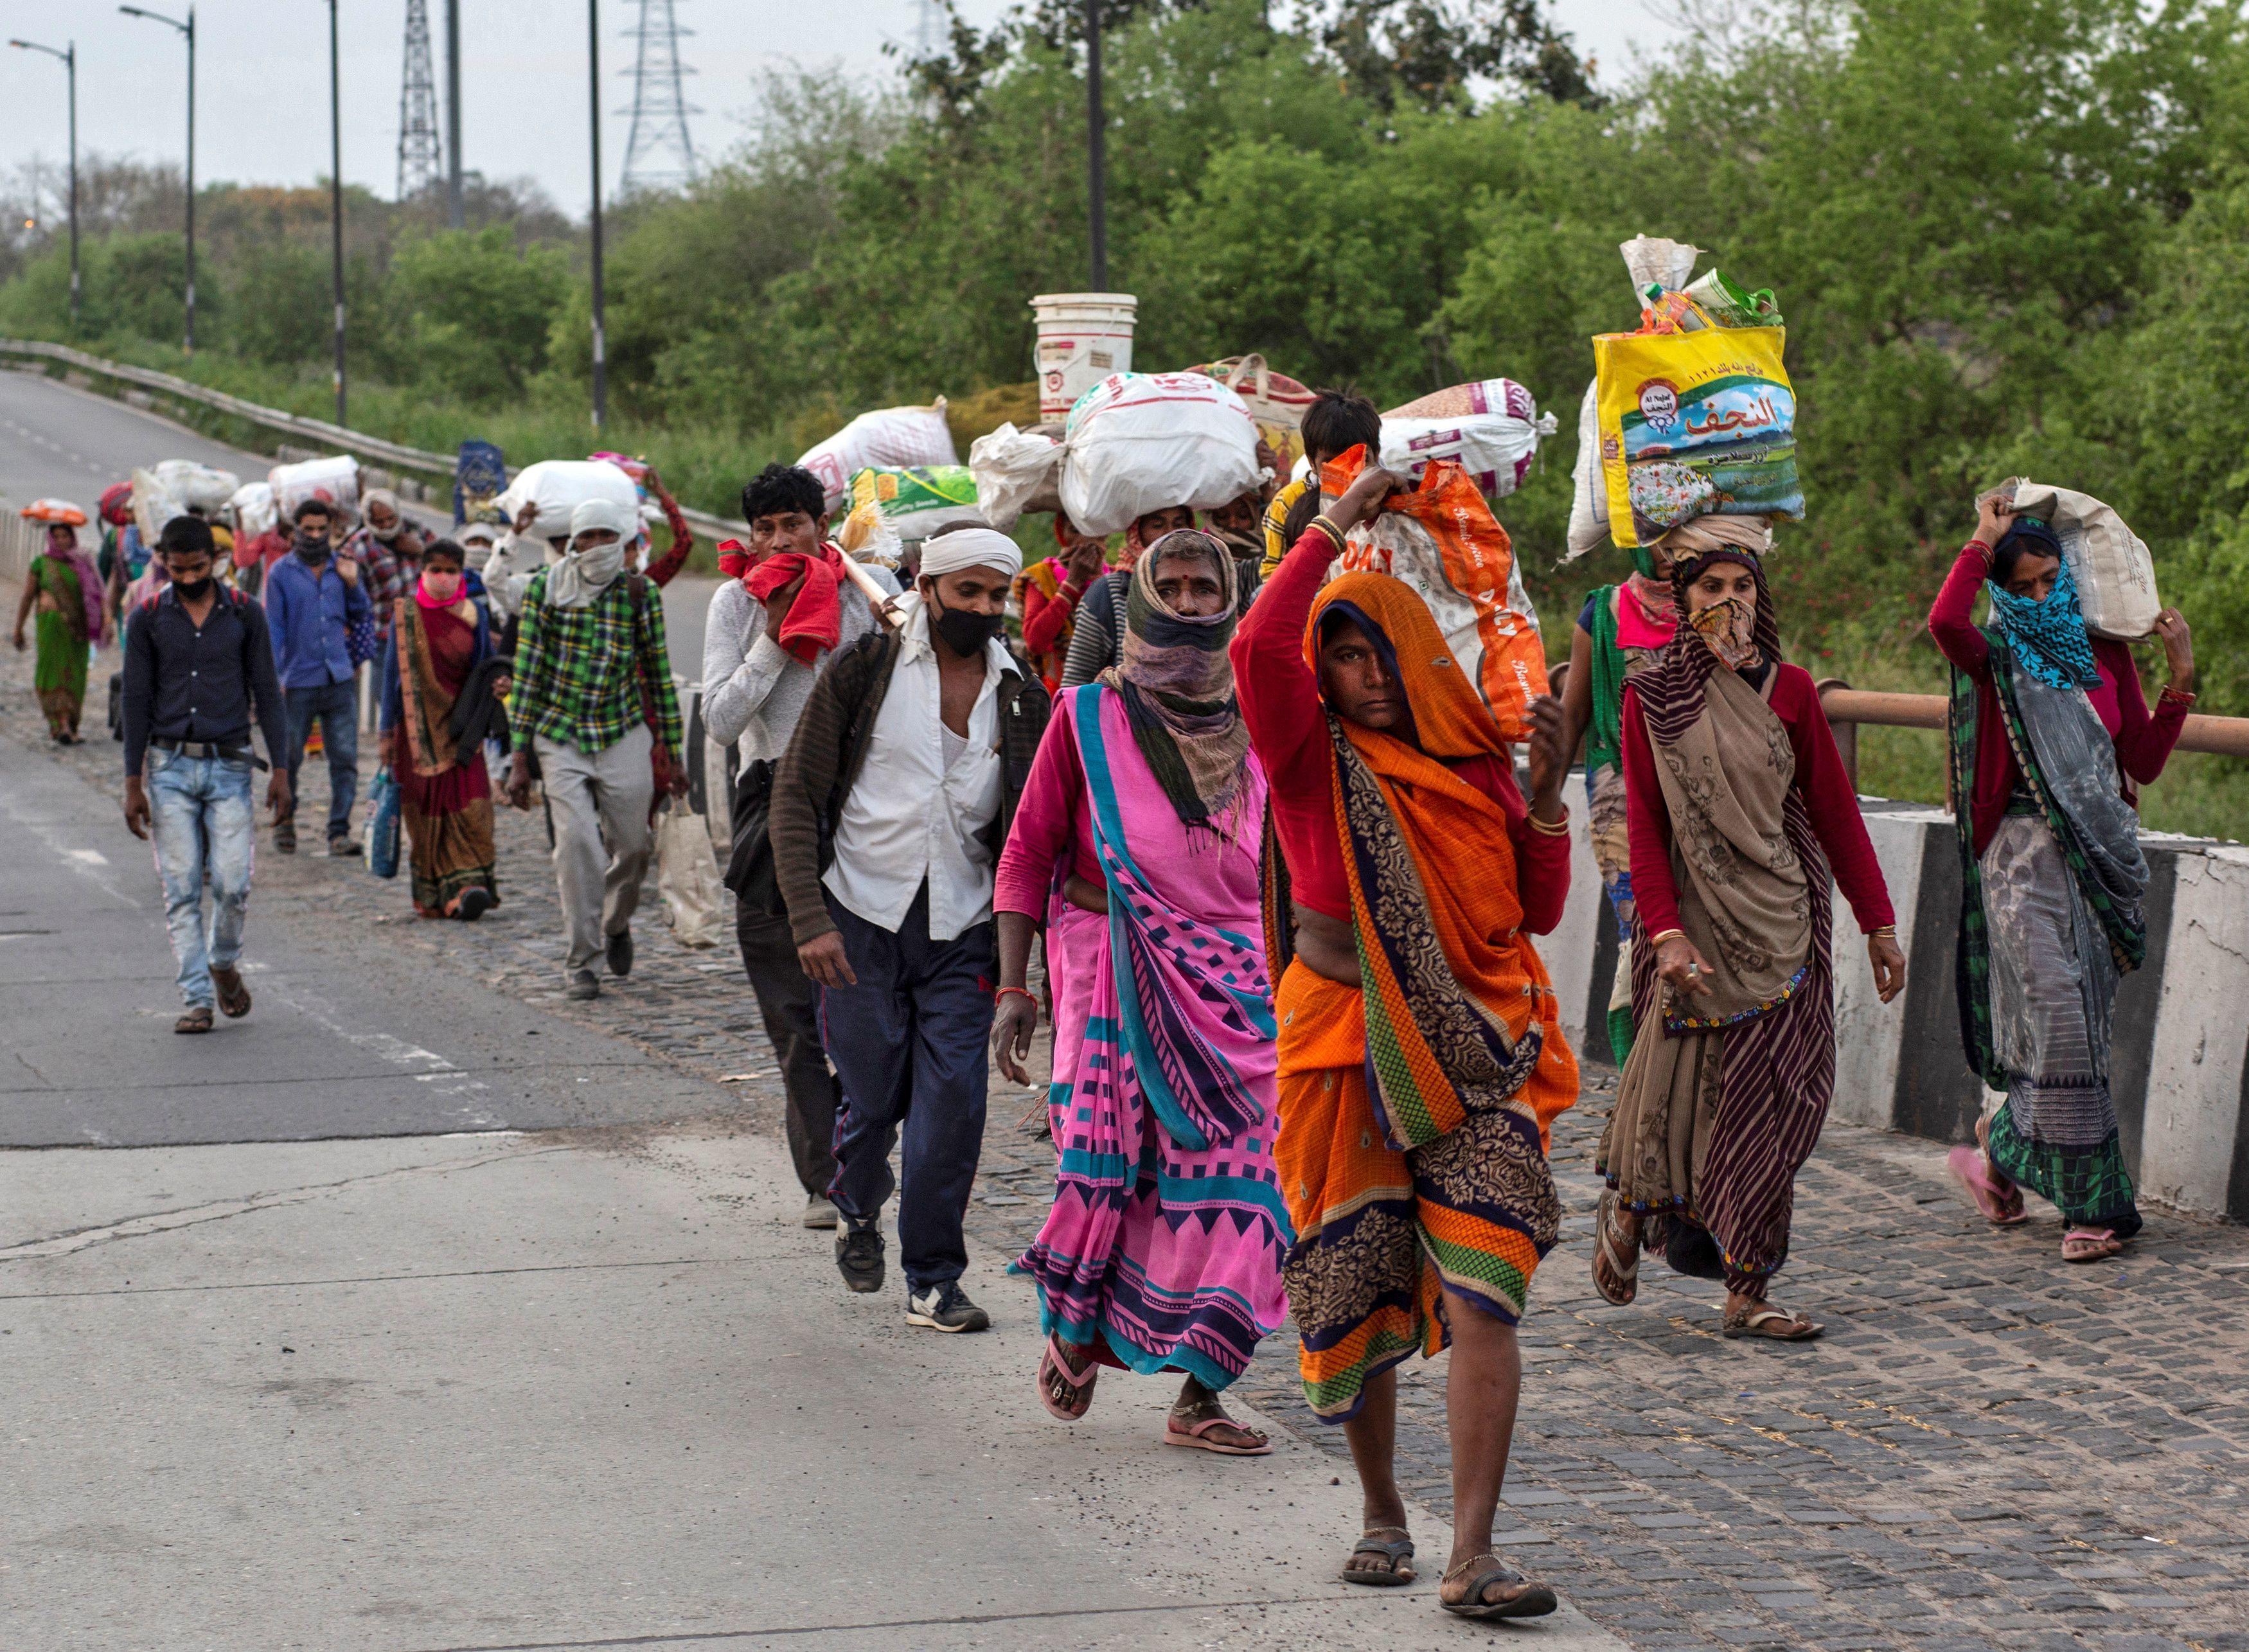 দিল্লি থেকে গ্রামের পথে  (REUTERS)